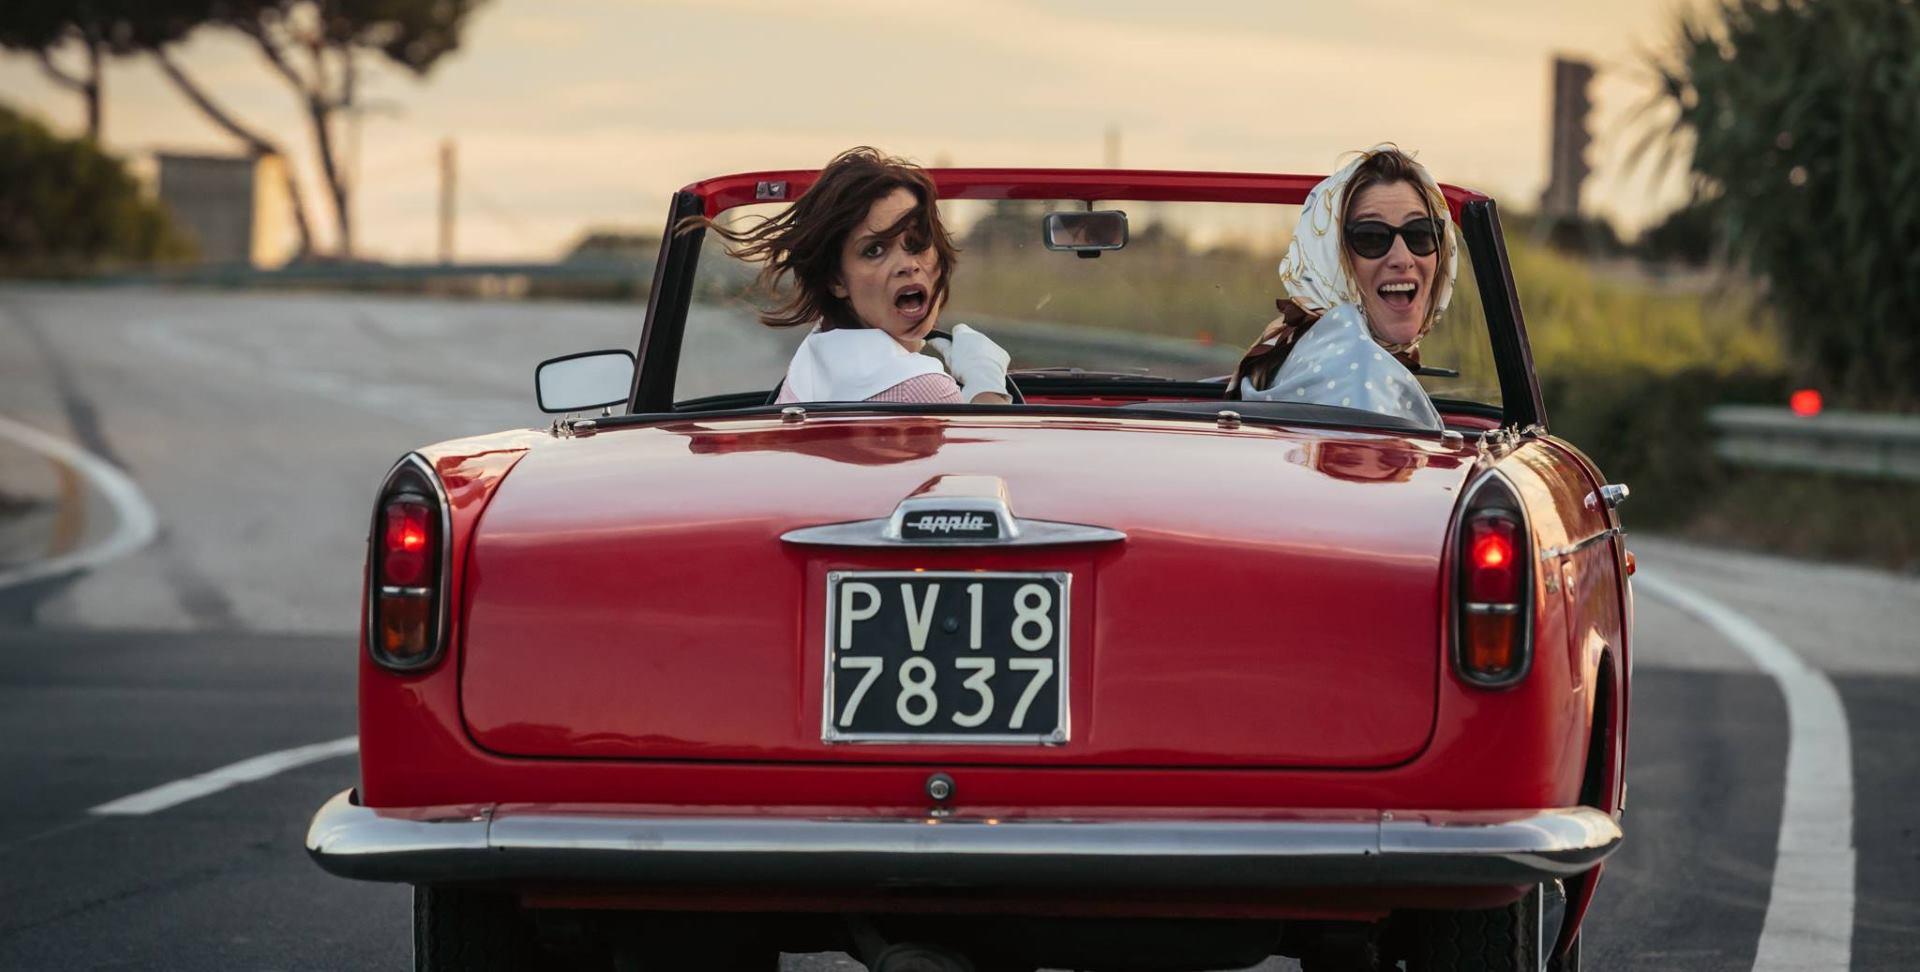 VIDEO: Humoristična drama 'Lude od sreće' prikazuje se u kinima